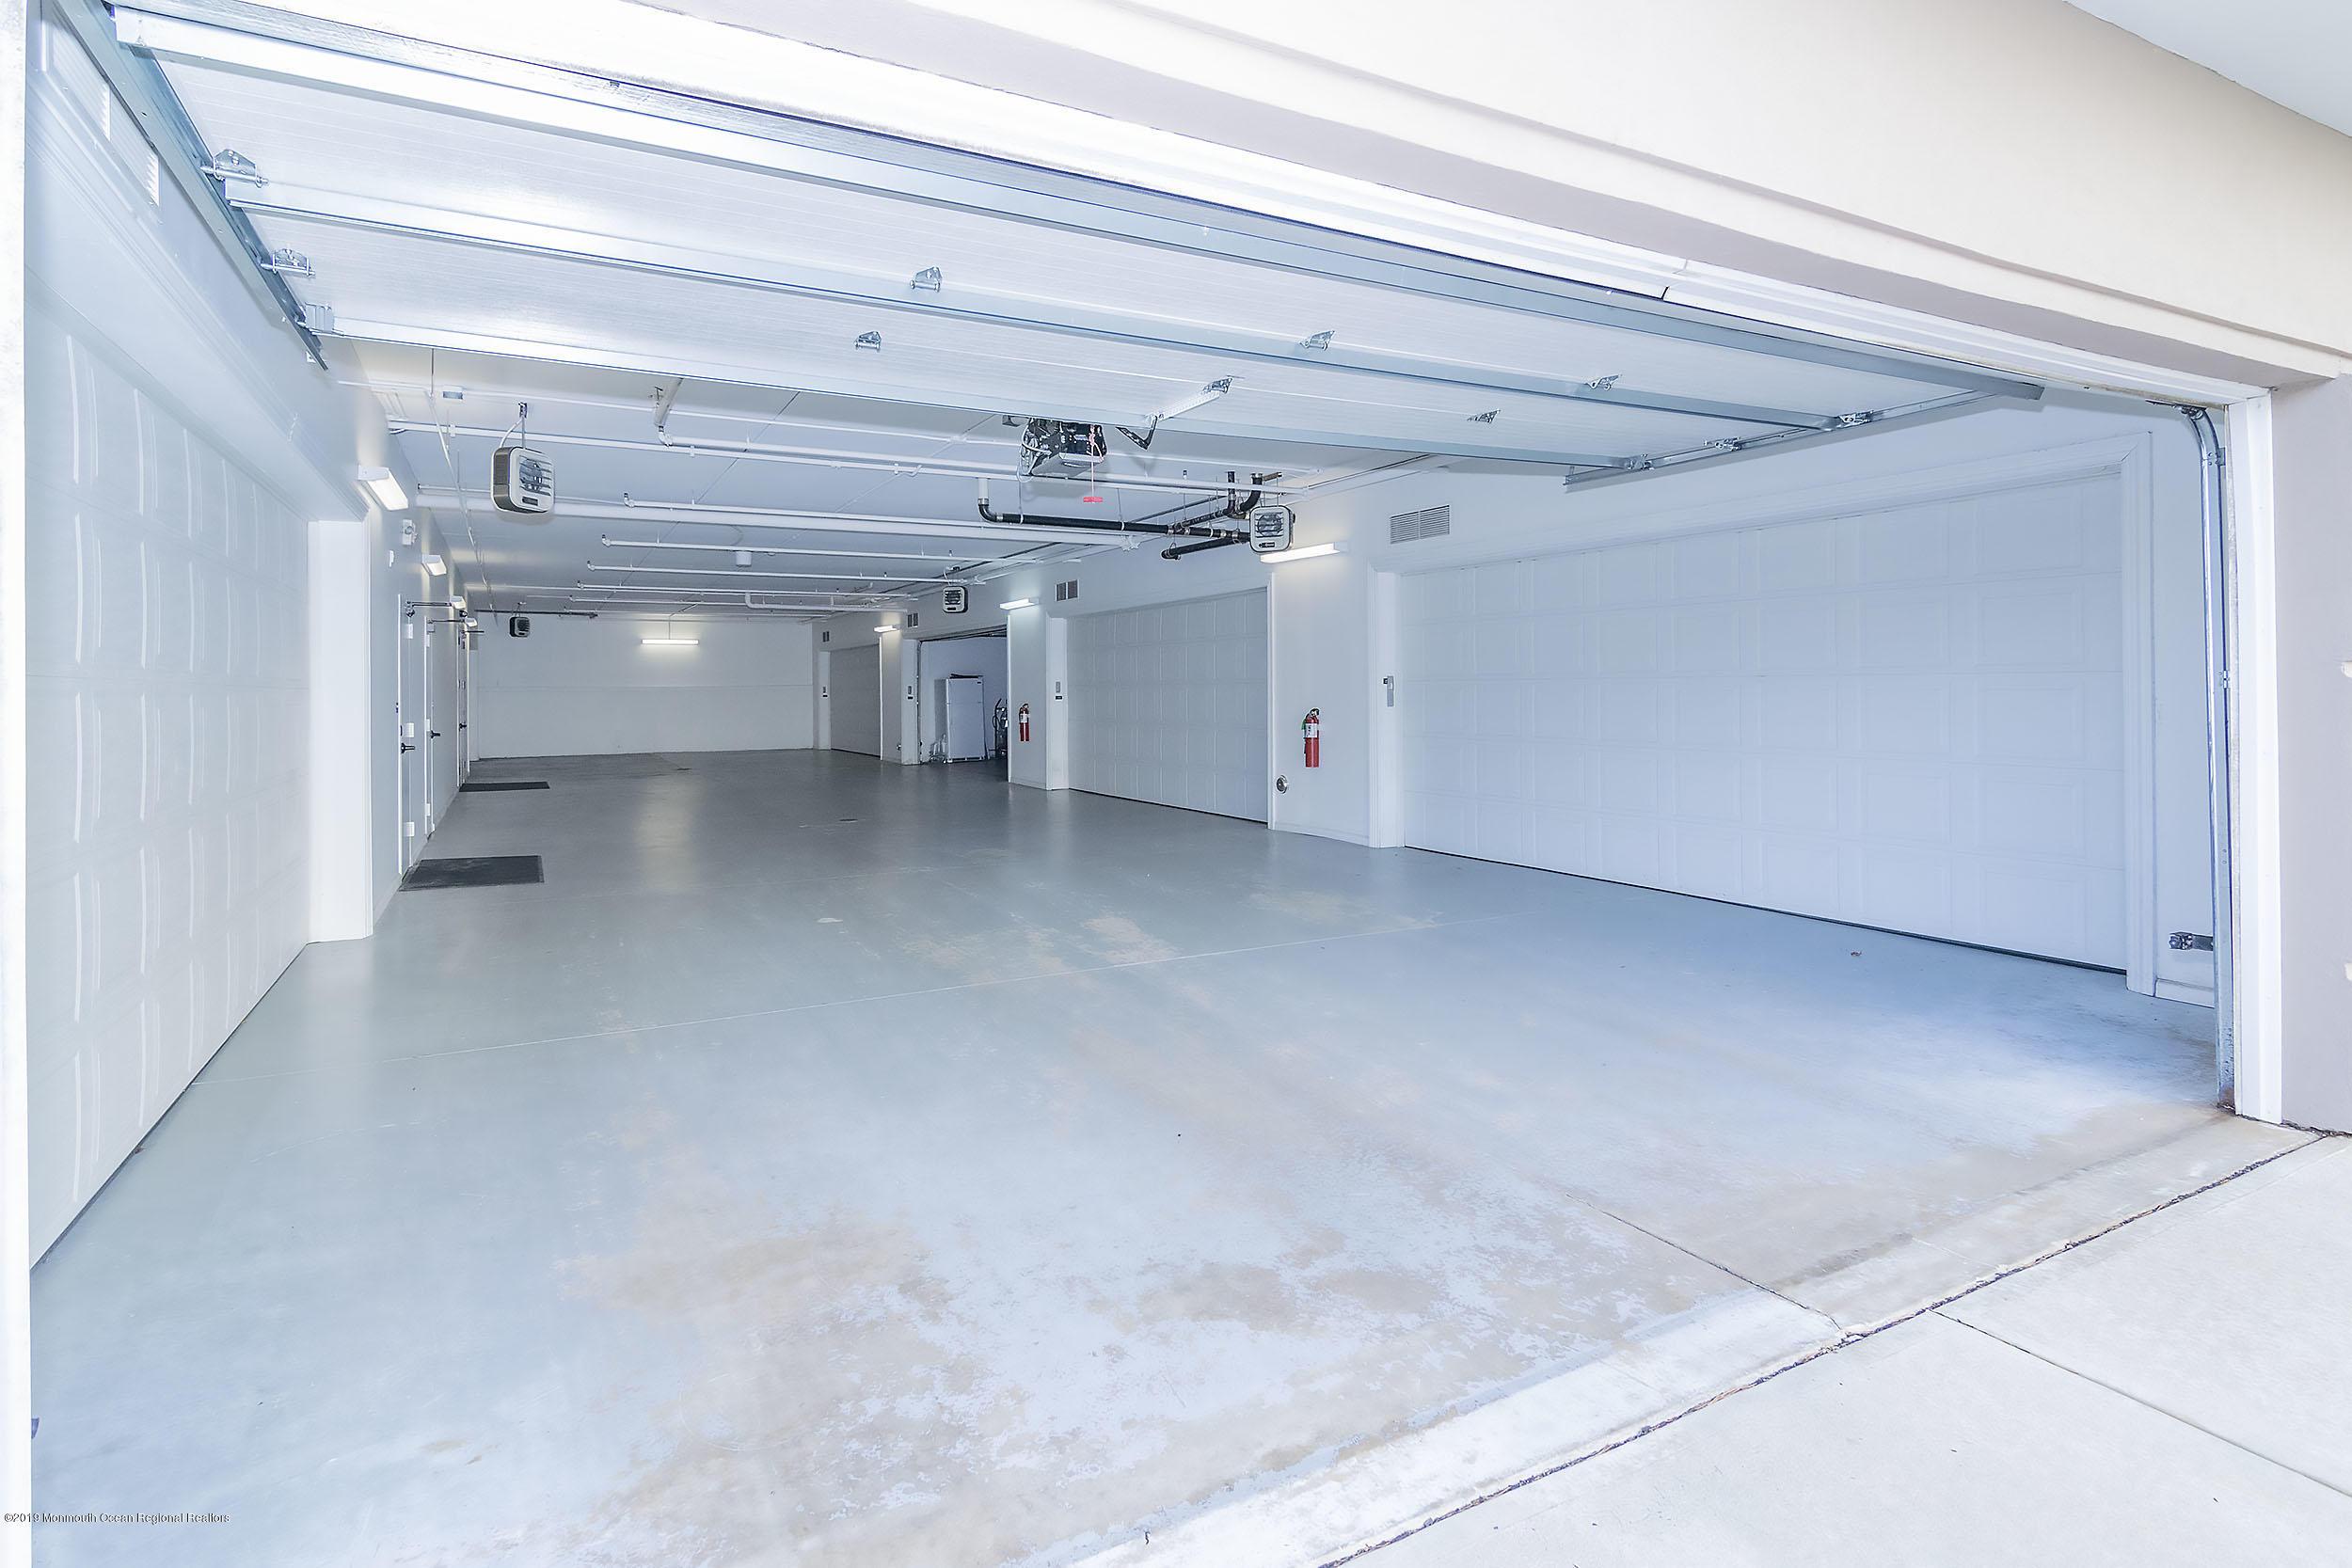 garageentrance1